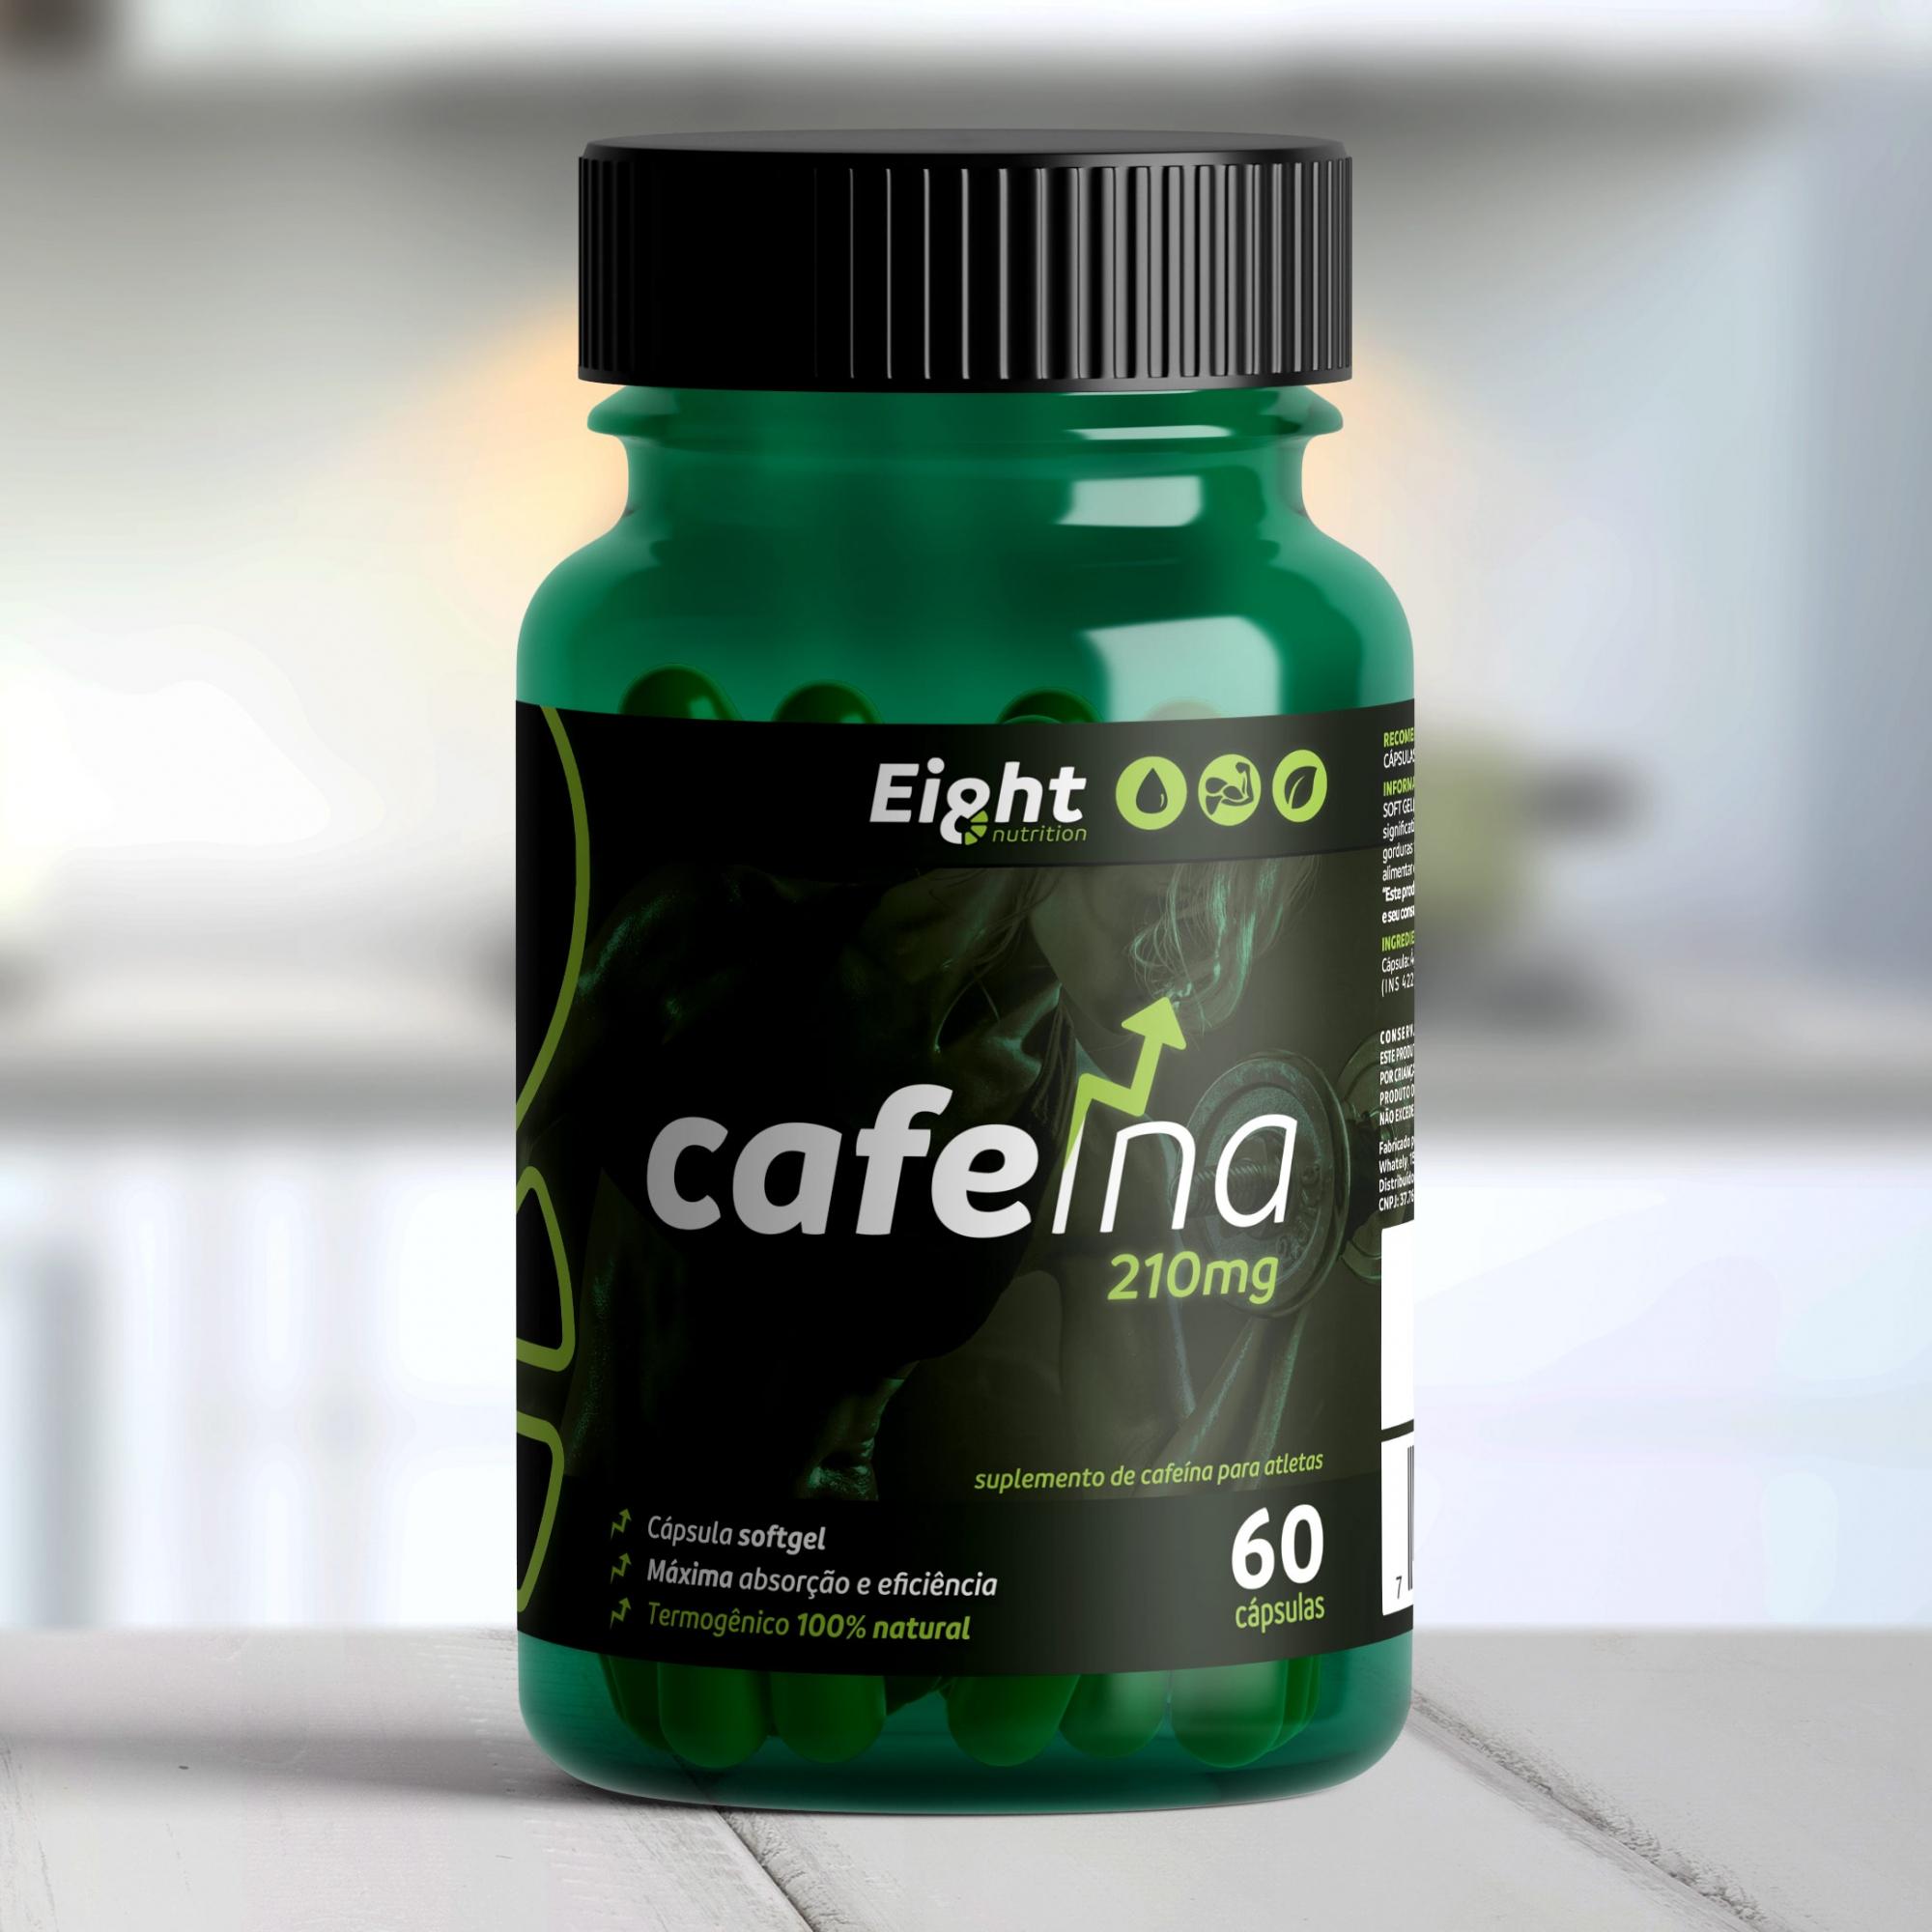 Cafeína 210mg 60 cápsulas softgel (Eight Nutrition)